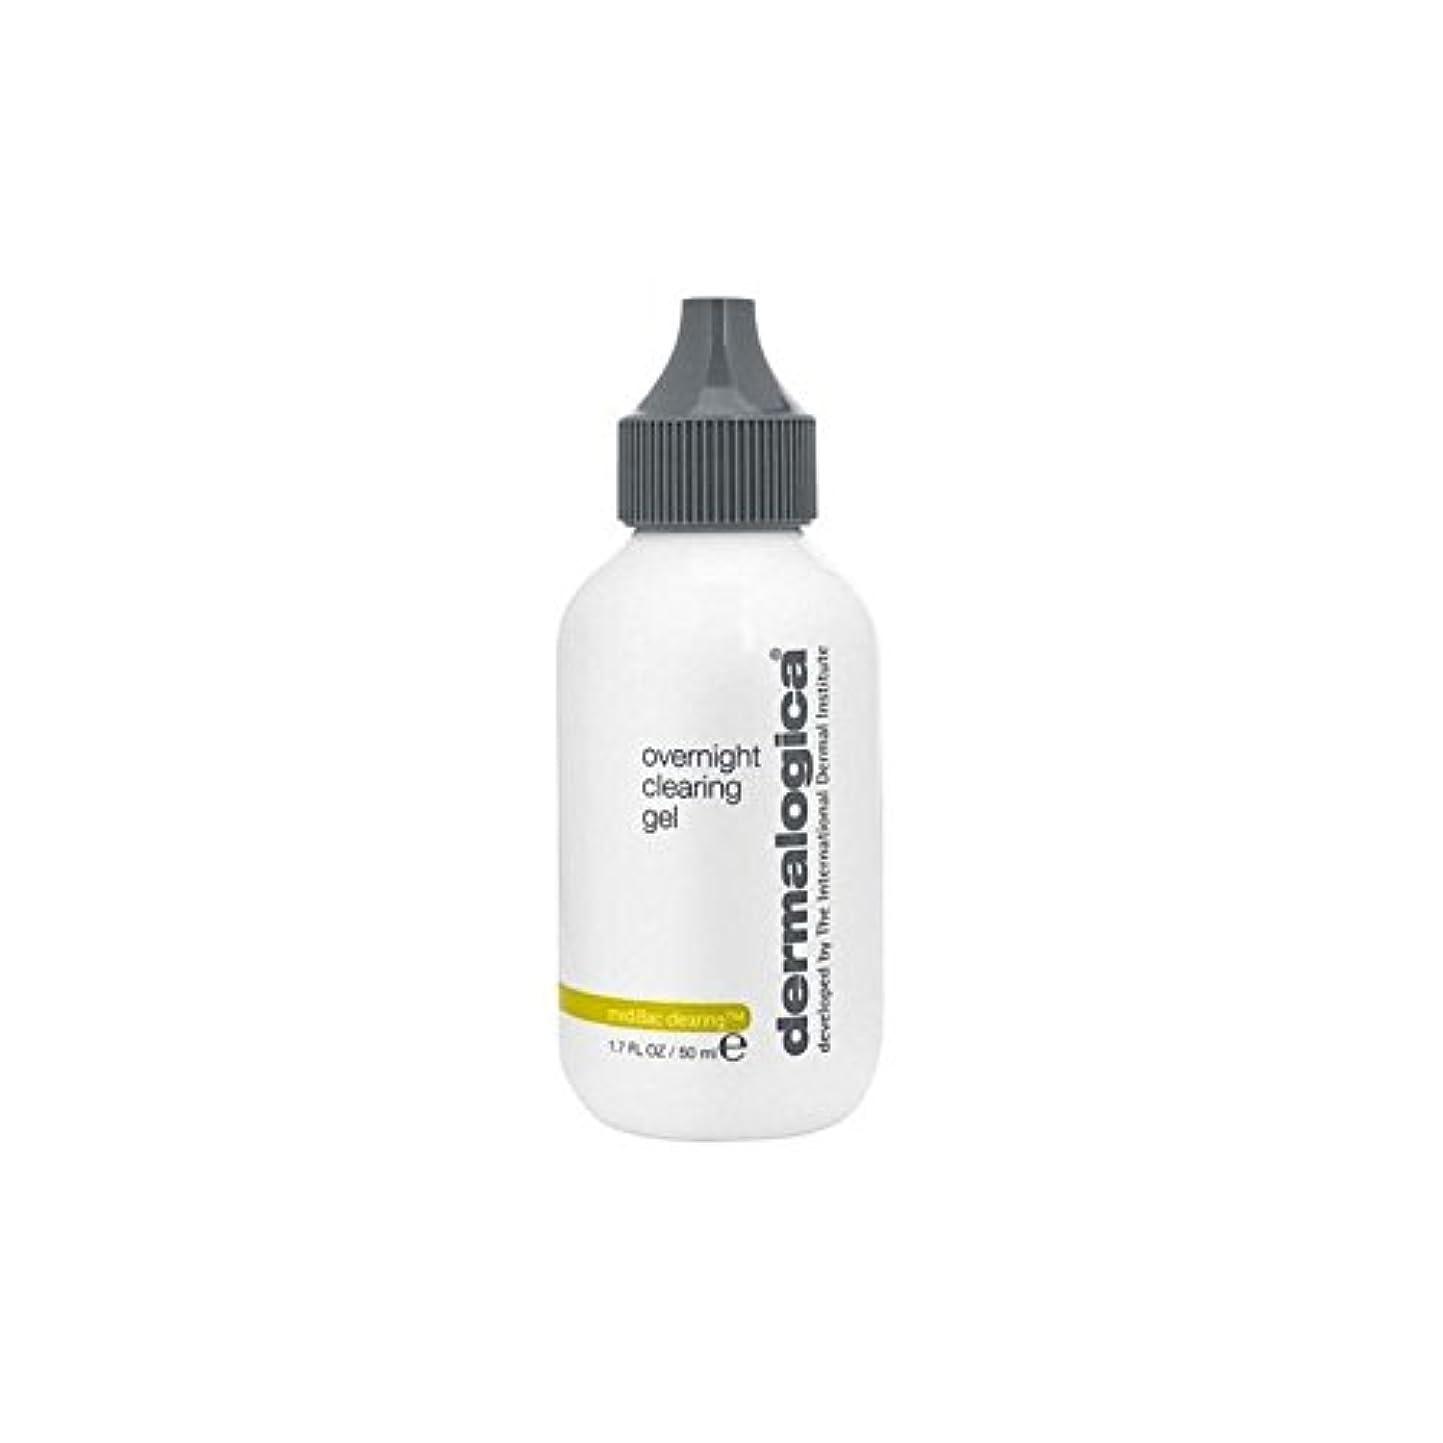 拮抗パノラマプレフィックスダーマロジカ一晩透明ゲル(50)中 x2 - Dermalogica Medibac Overnight Clearing Gel (50ml) (Pack of 2) [並行輸入品]